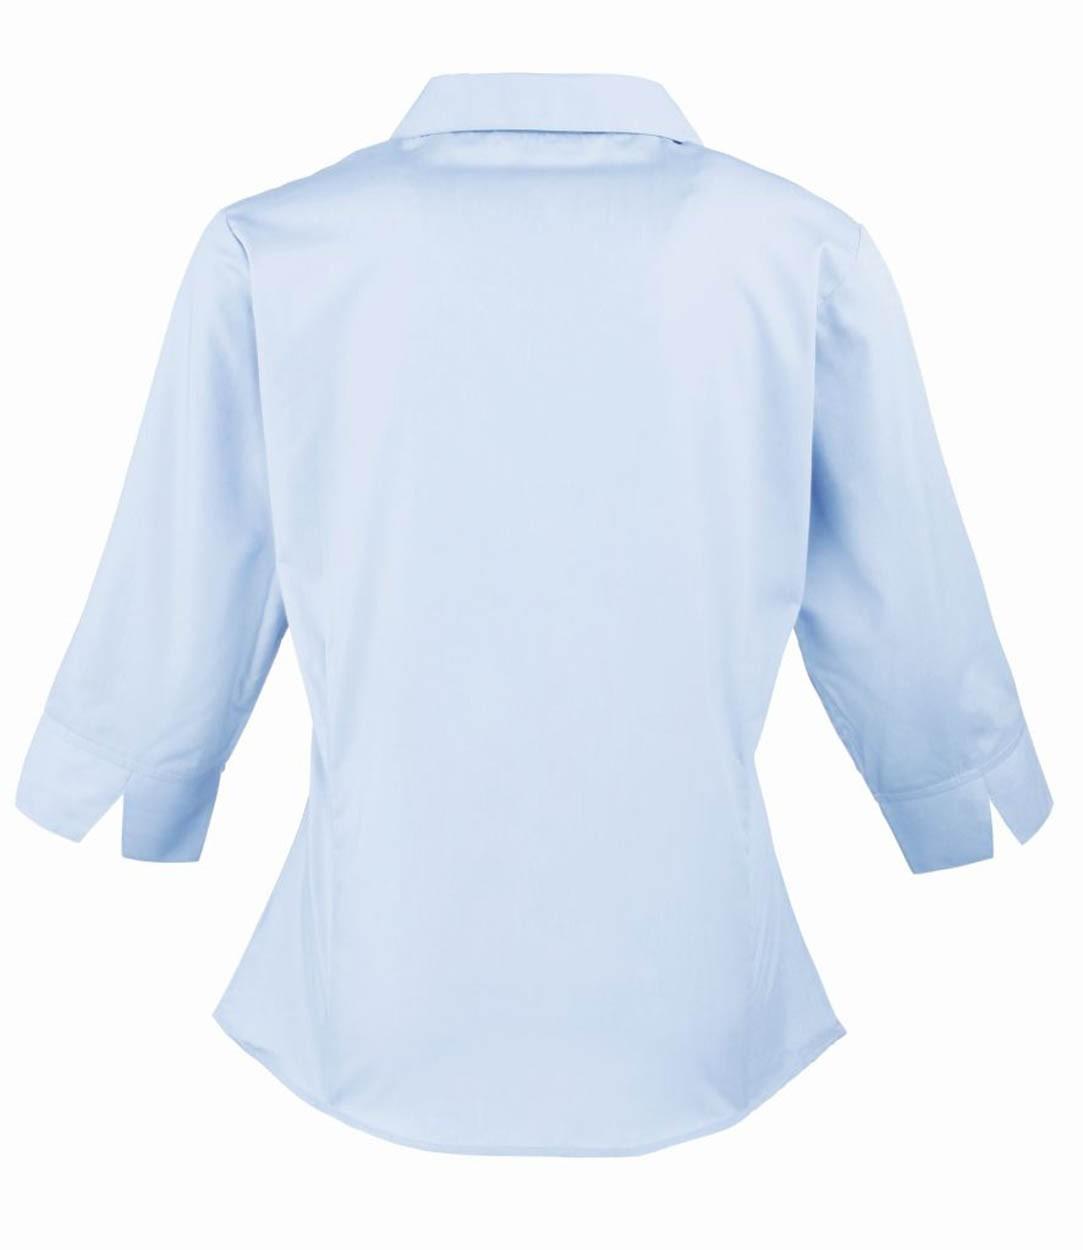 ec50ed6c415d3 Premier PR305 Ladies 3 4 Sleeve Poplin Blouse - Ladies Long Sleeve ...